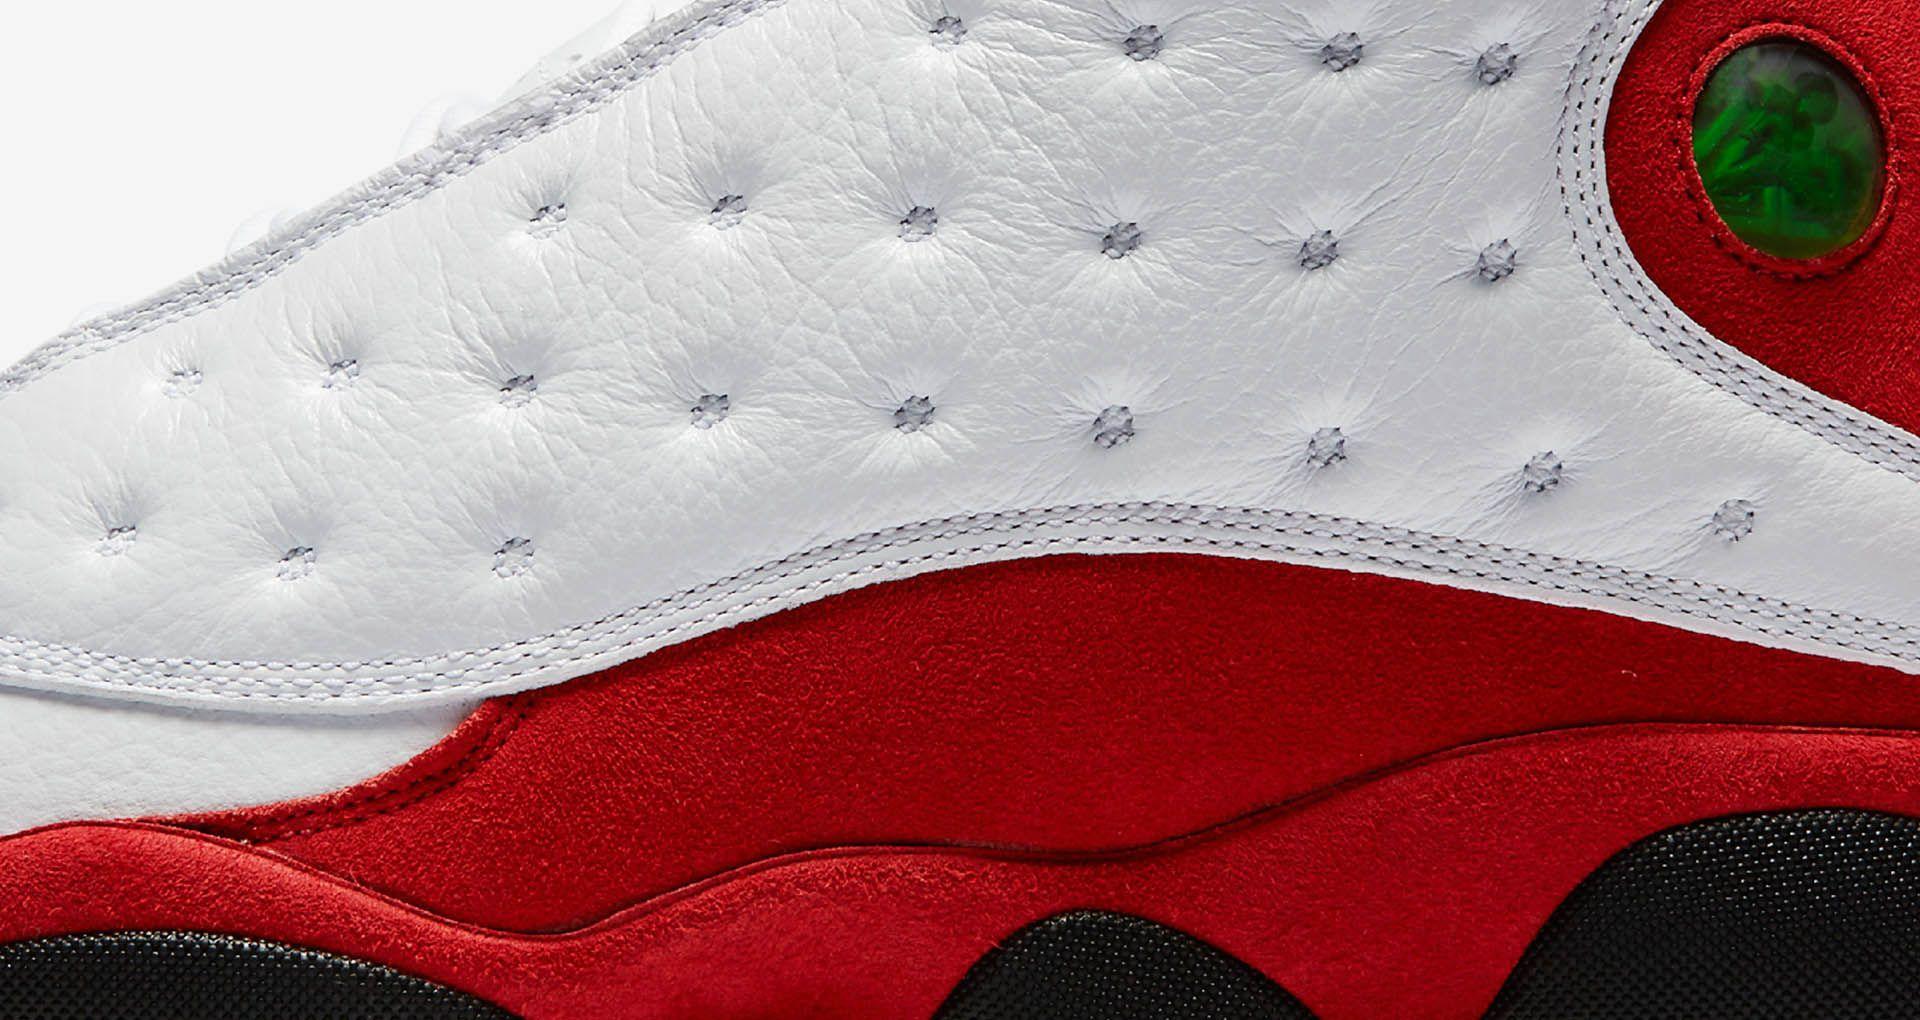 e6b339b43c2f03 Air Jordan 13 Retro OG  White   Team Red . Nike+ SNKRS